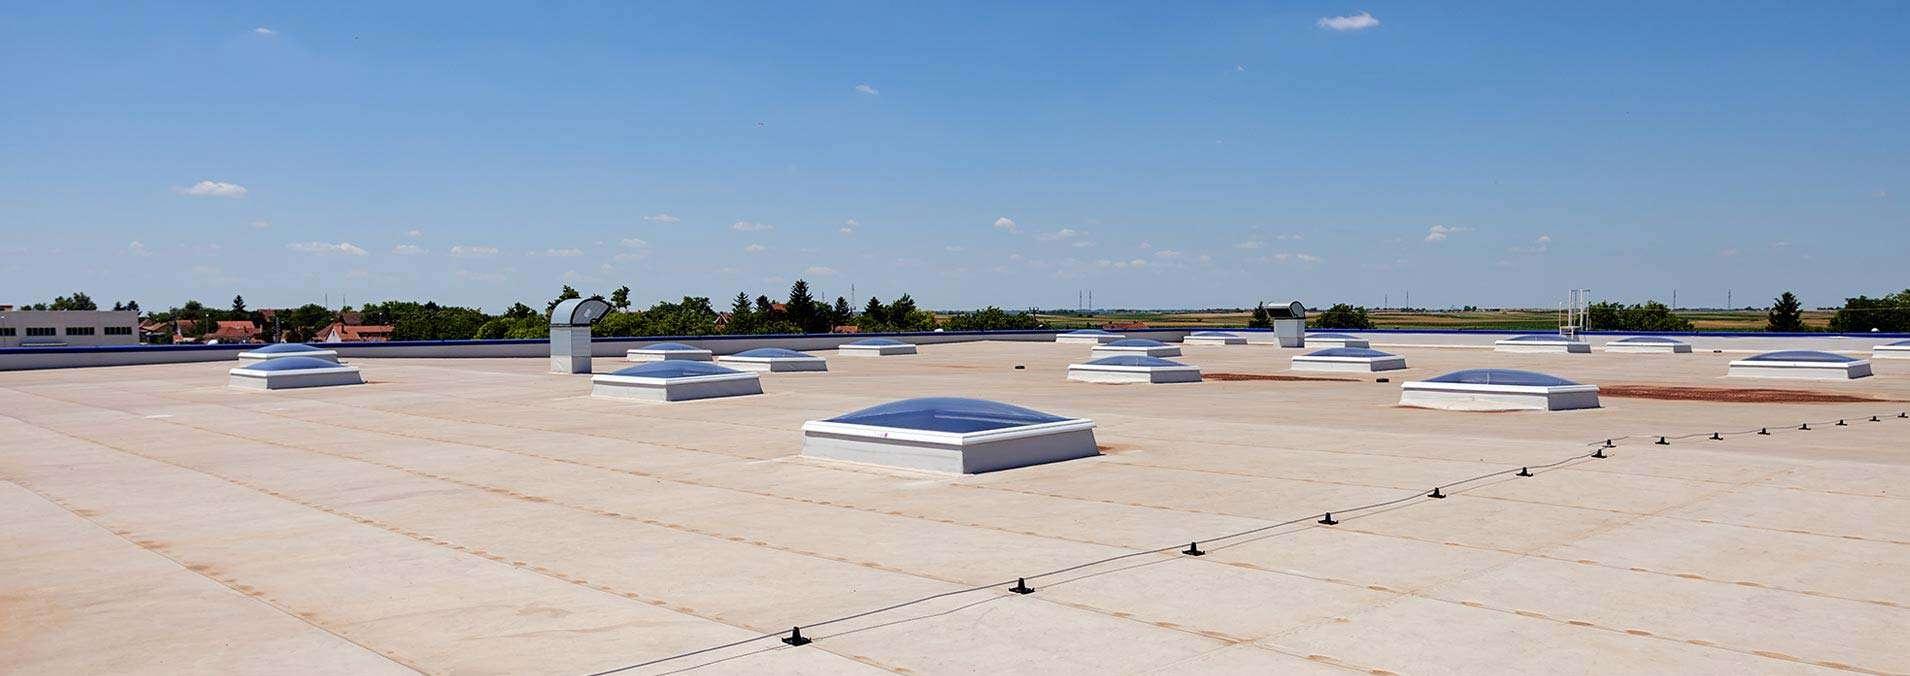 Roof Replacement Atlanta, GA